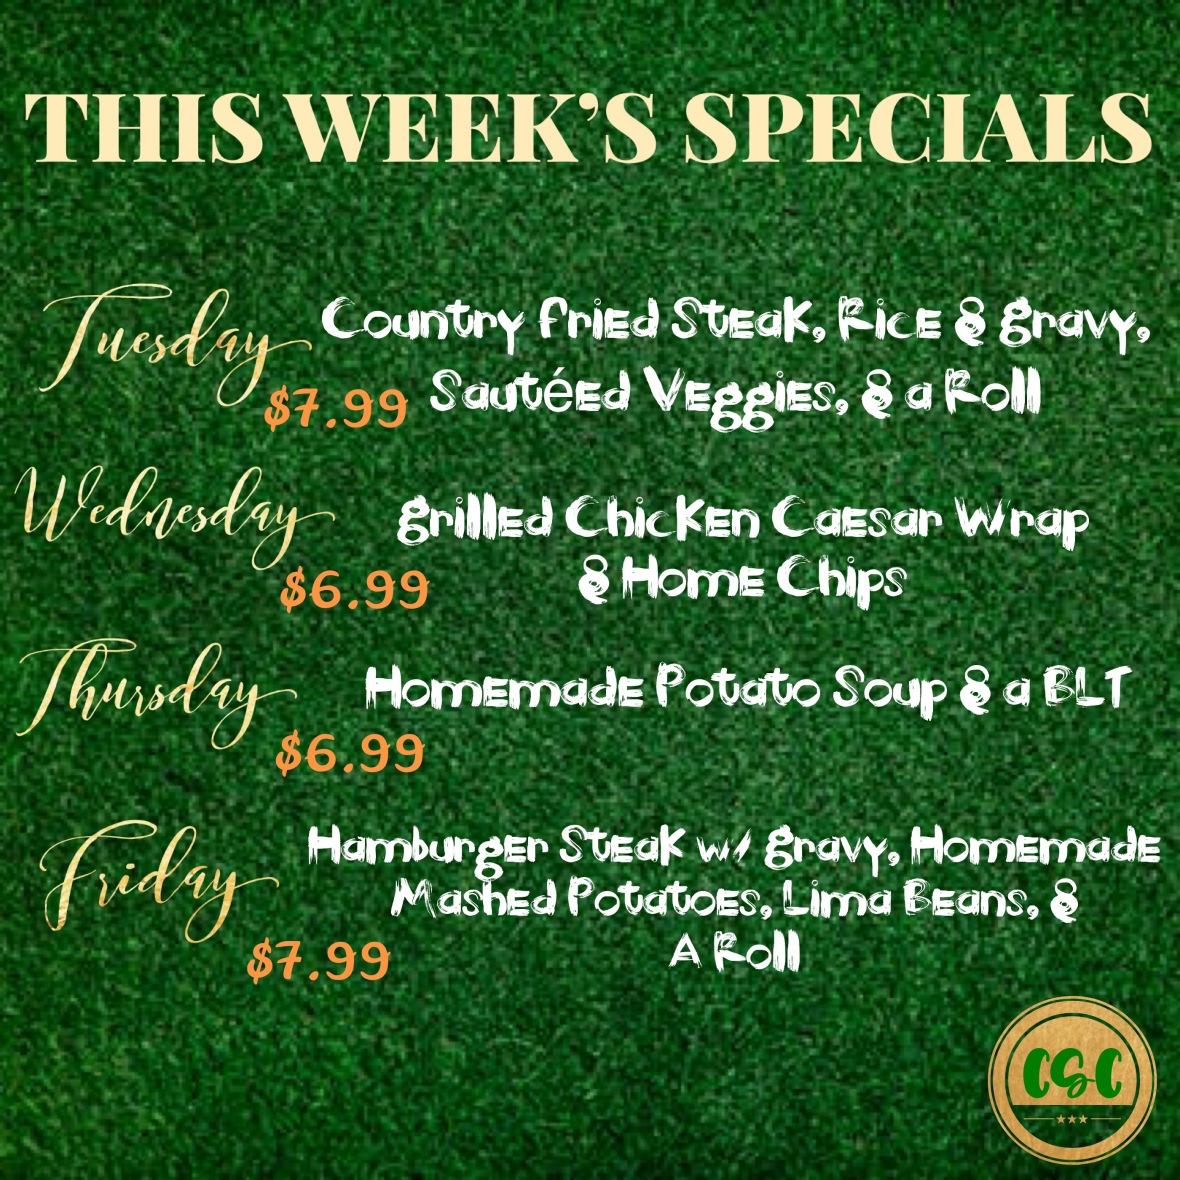 lunch specials nov 3